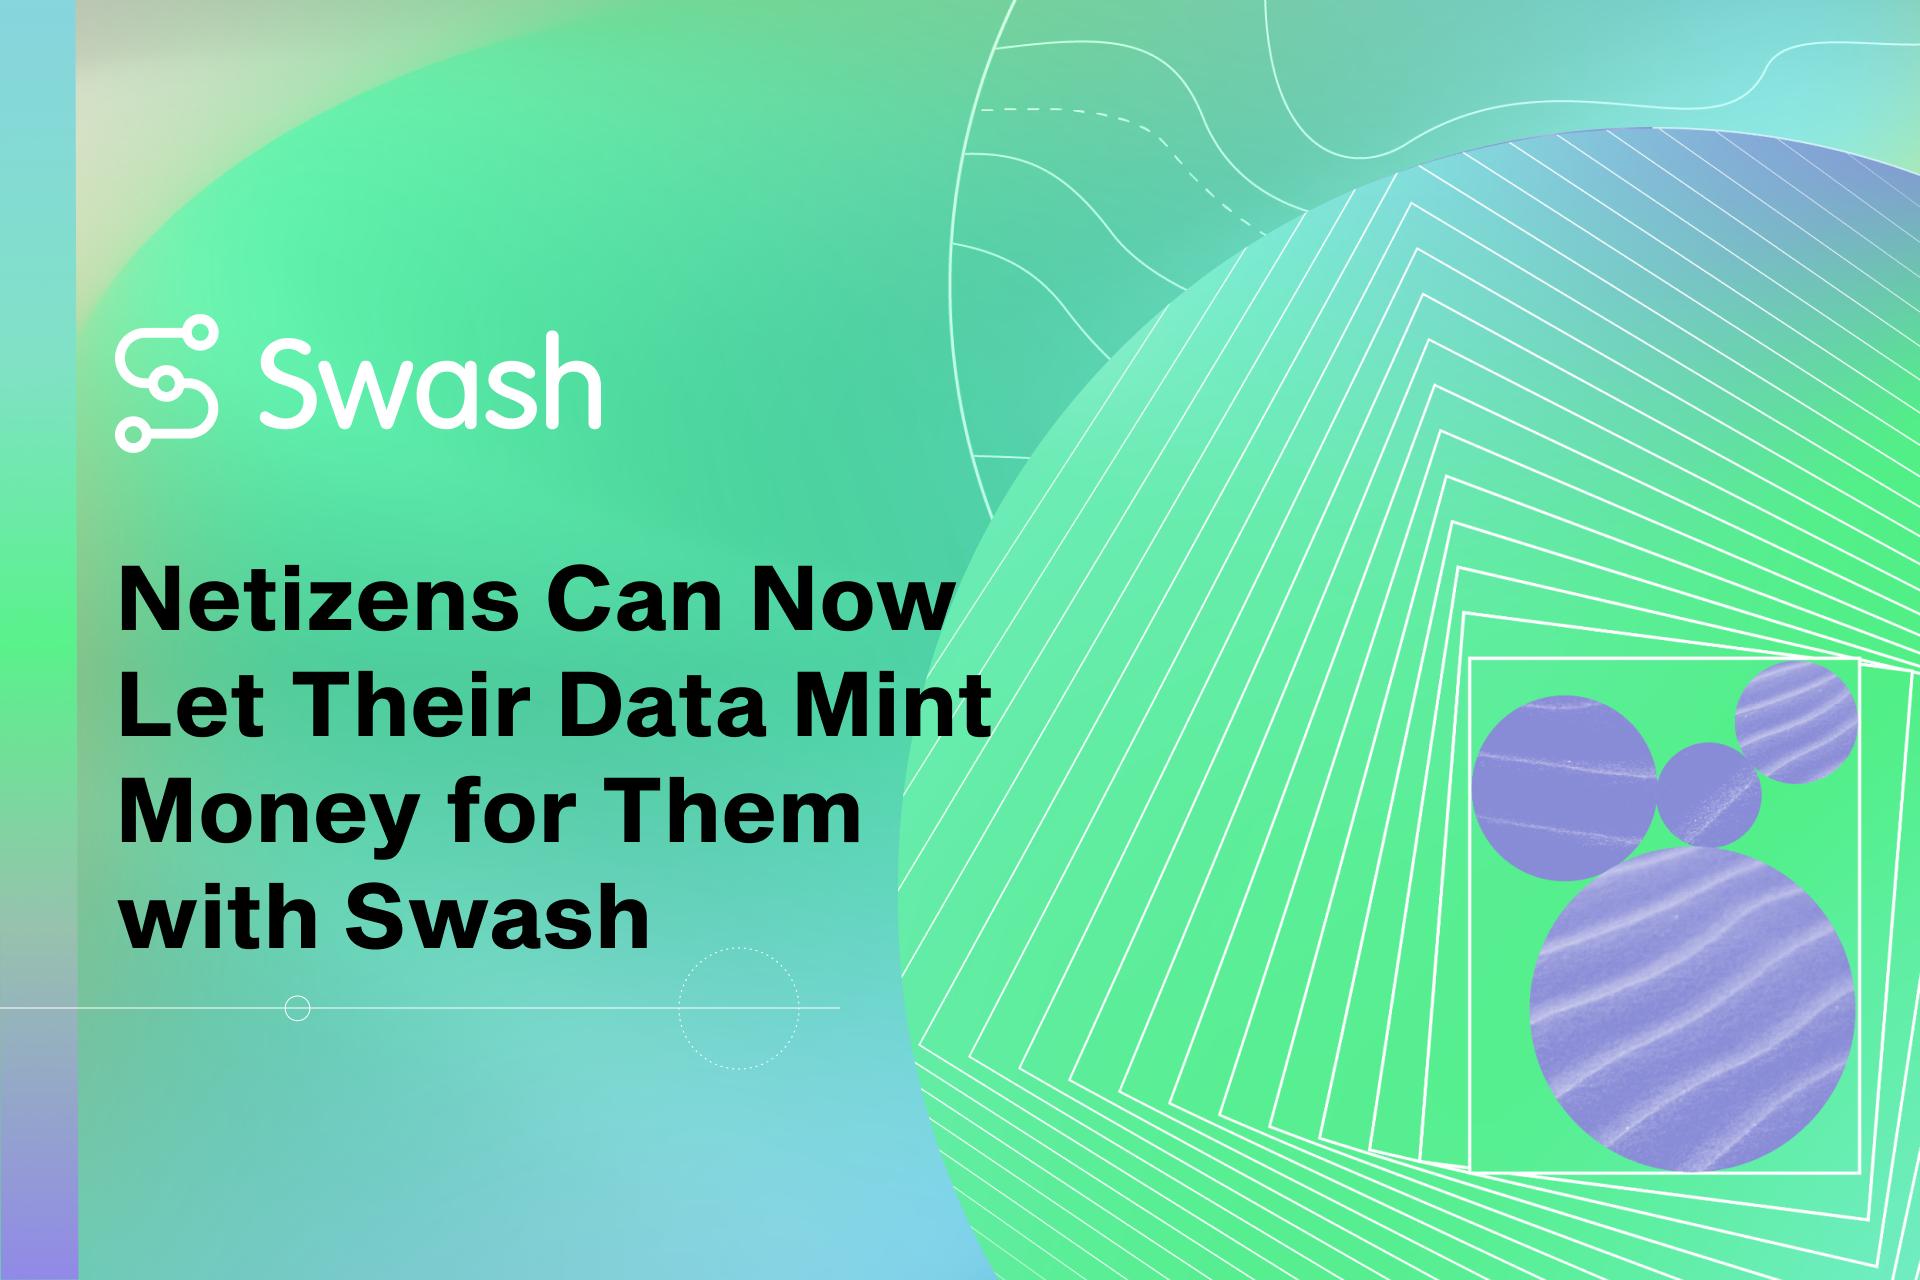 Los internautas ahora pueden dejar que sus datos les generen dinero con Swash